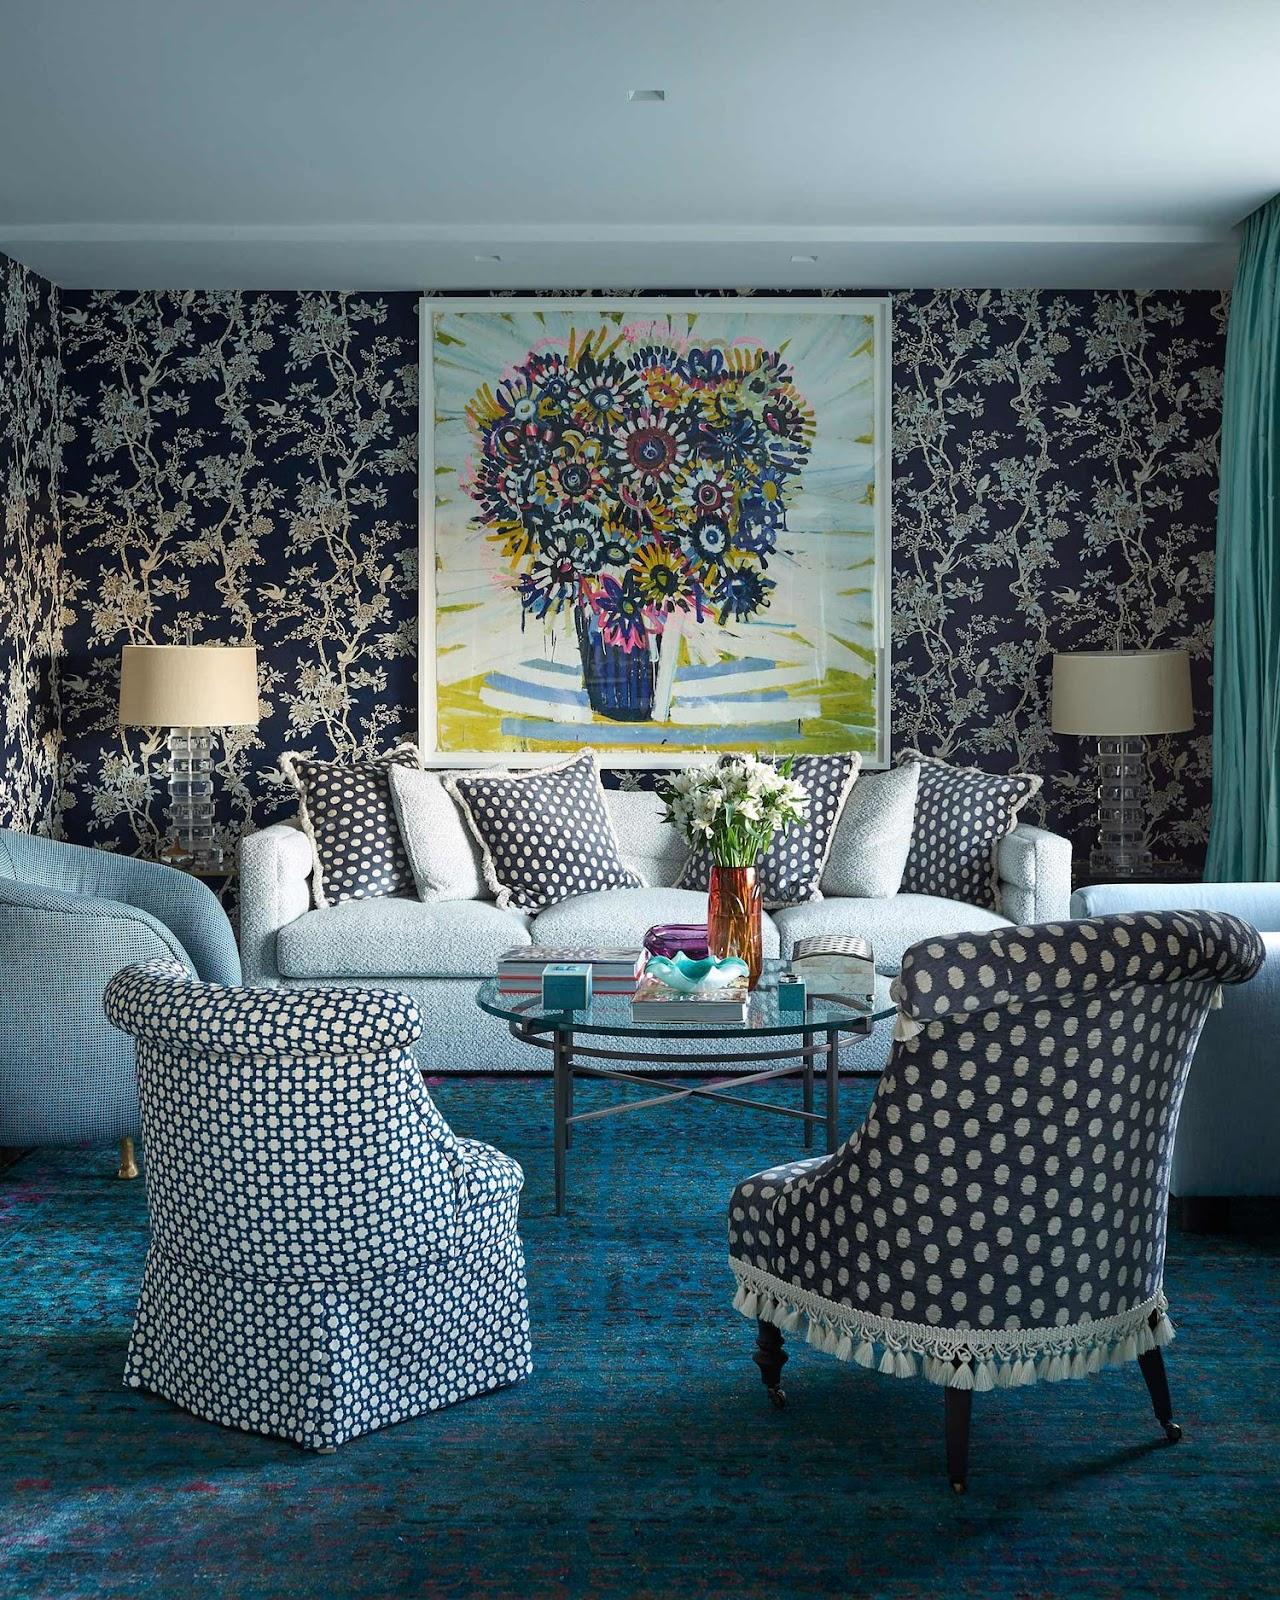 Sala com papel de parede, poltronas com estampa de bolinhas, tapete azul, sofá com almofadas.